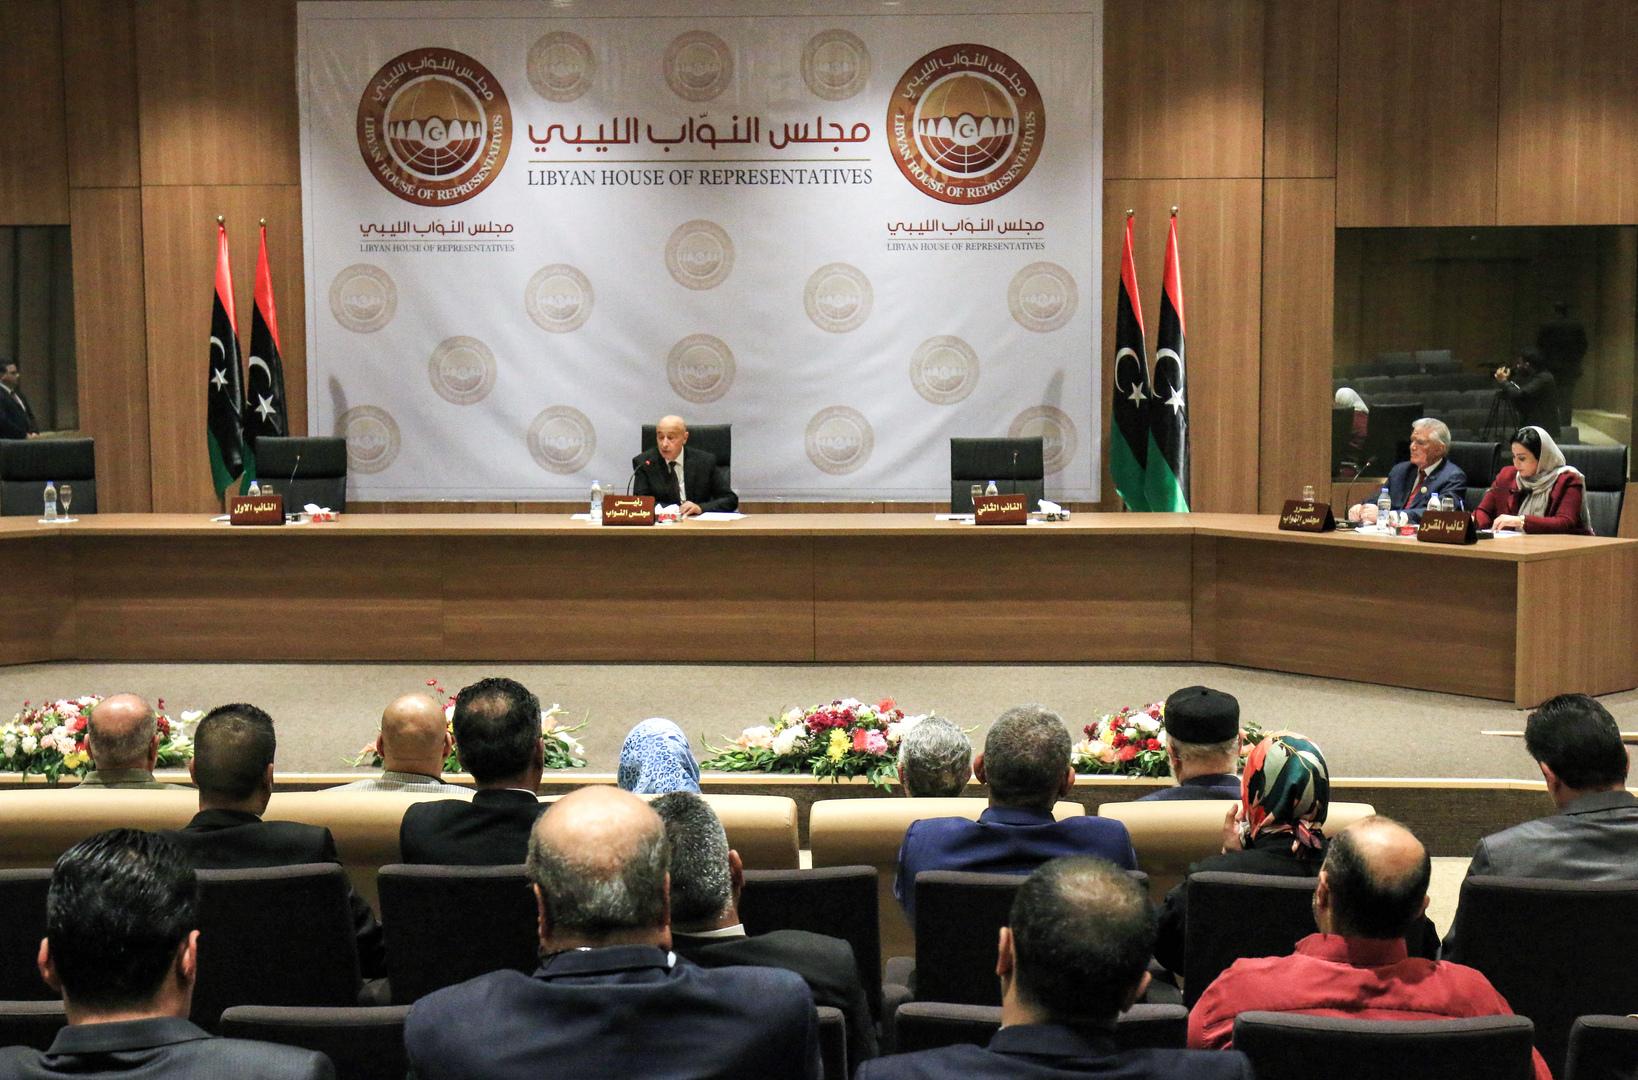 جلسة لمجلس النواب الليبي.